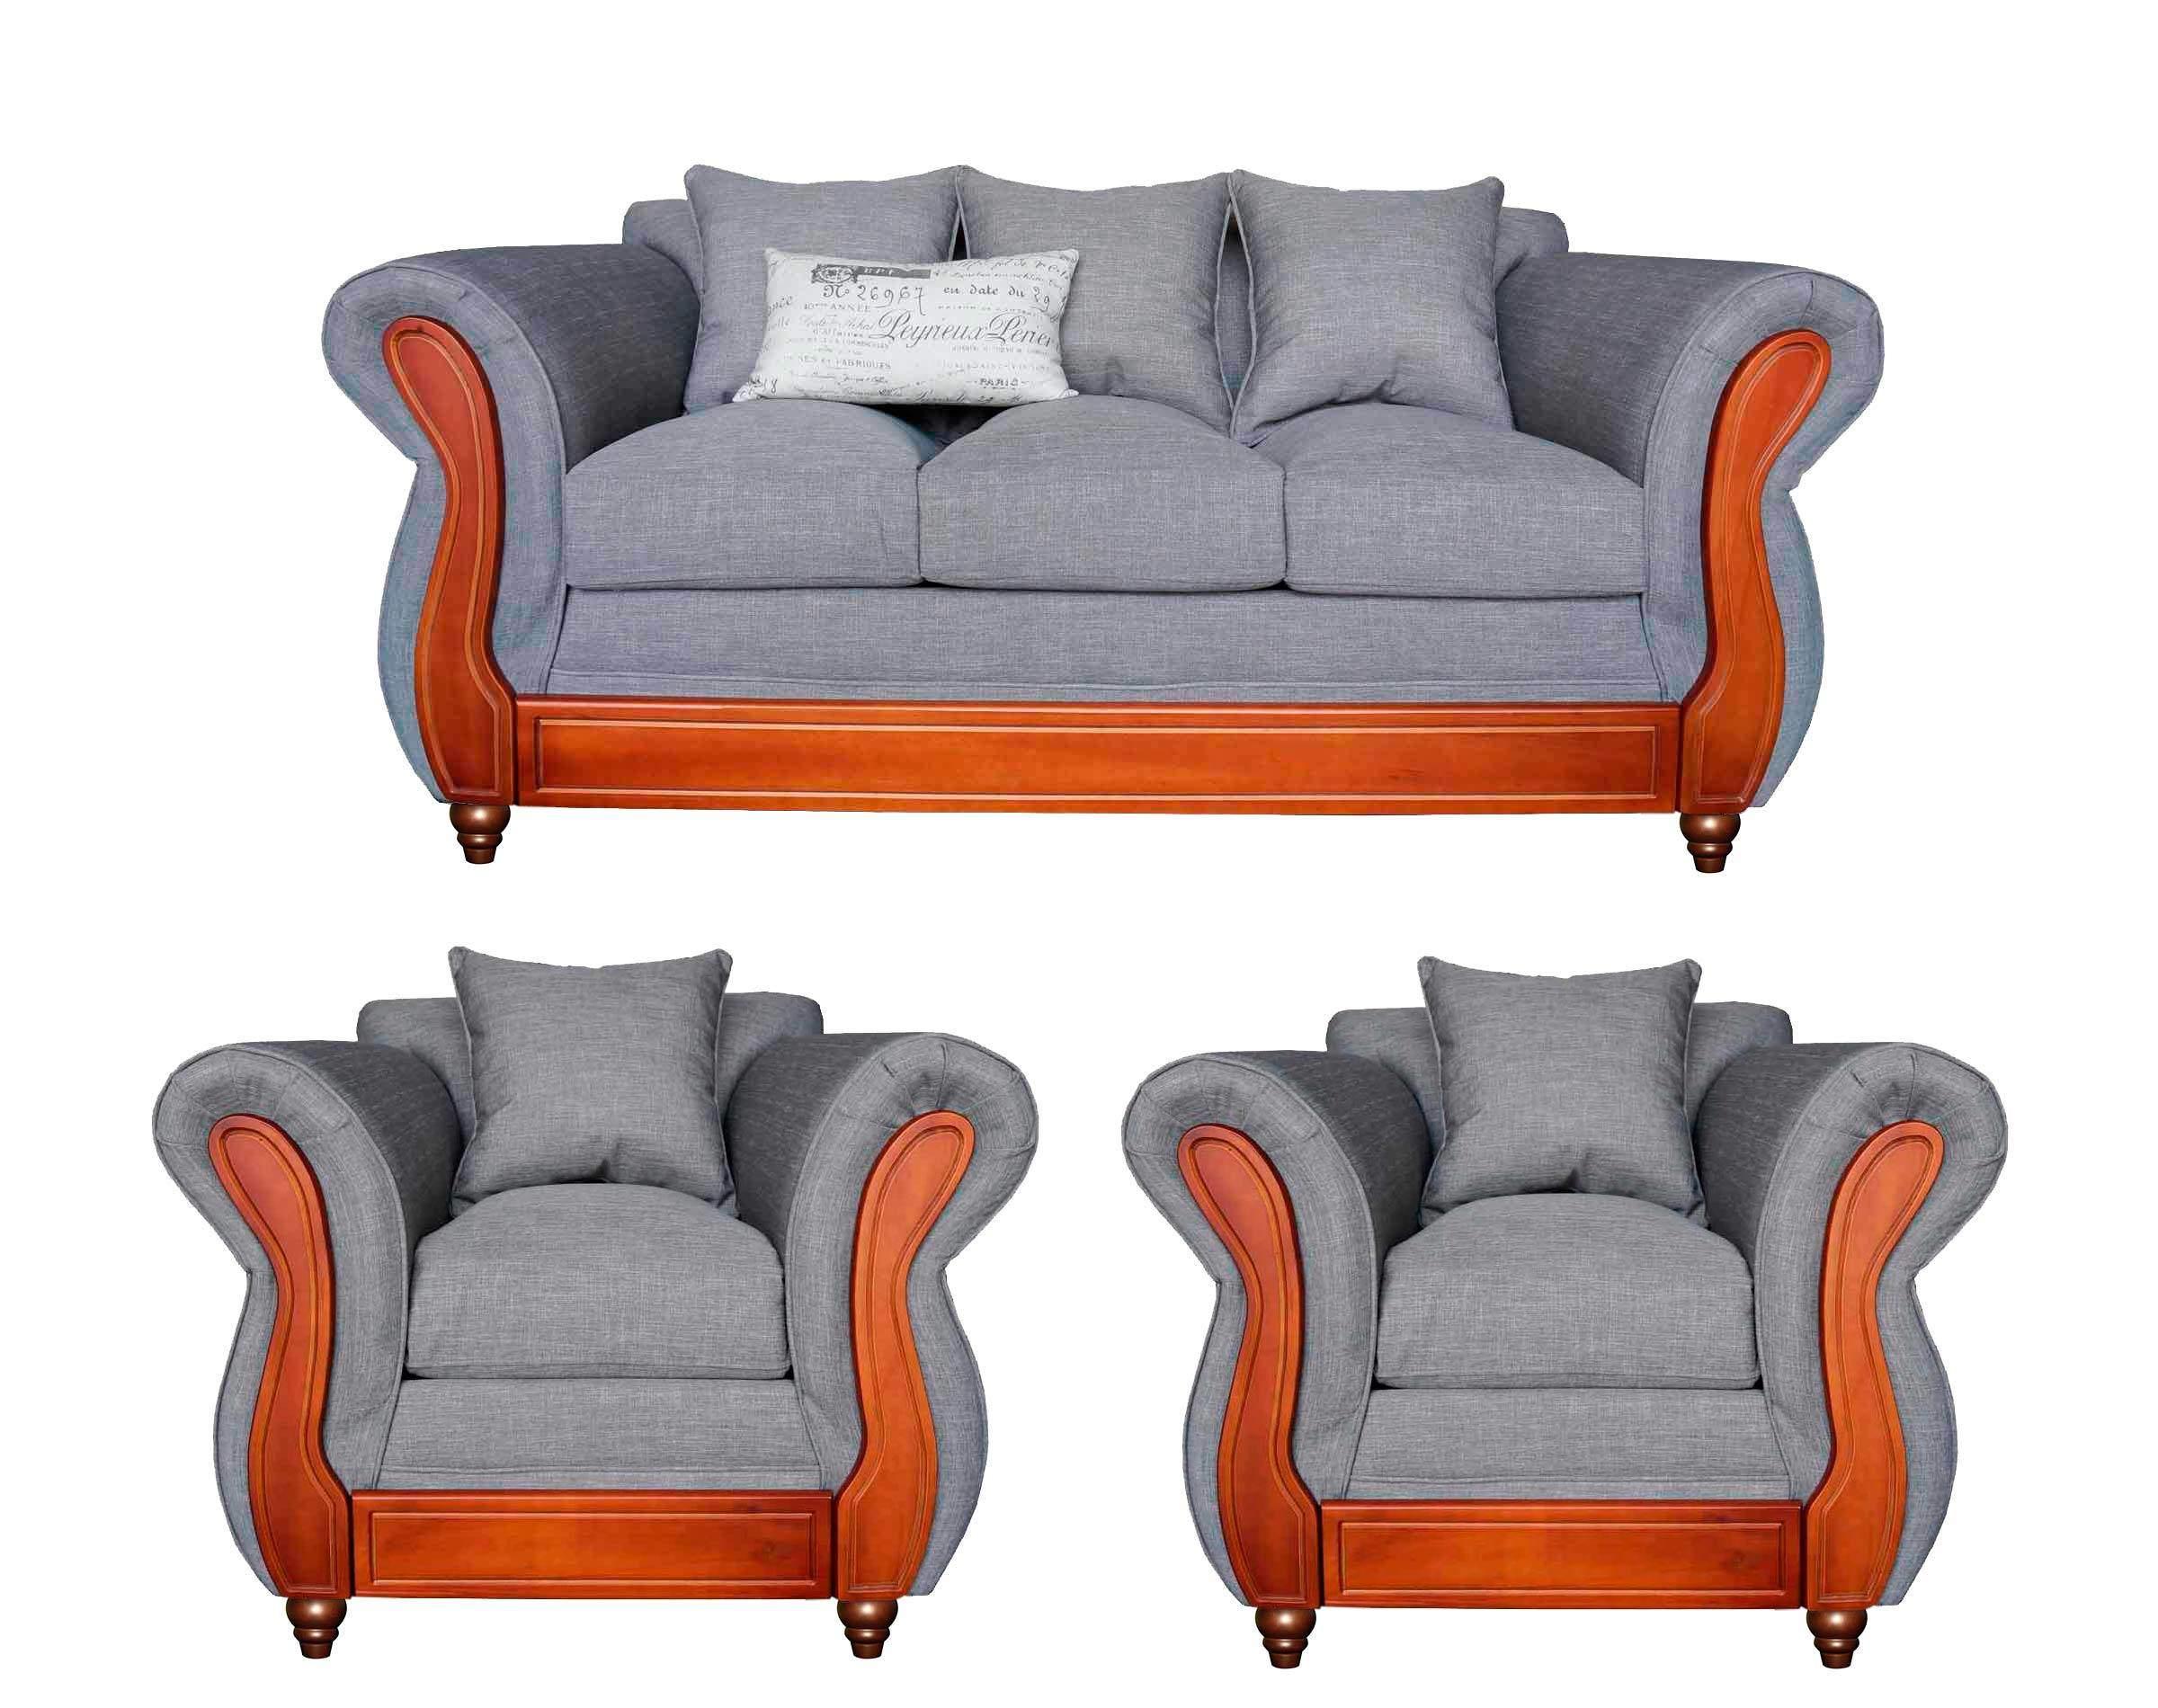 Precio espuma para sofas free tapizar un sof with precio - Precio tapizar sofa ...